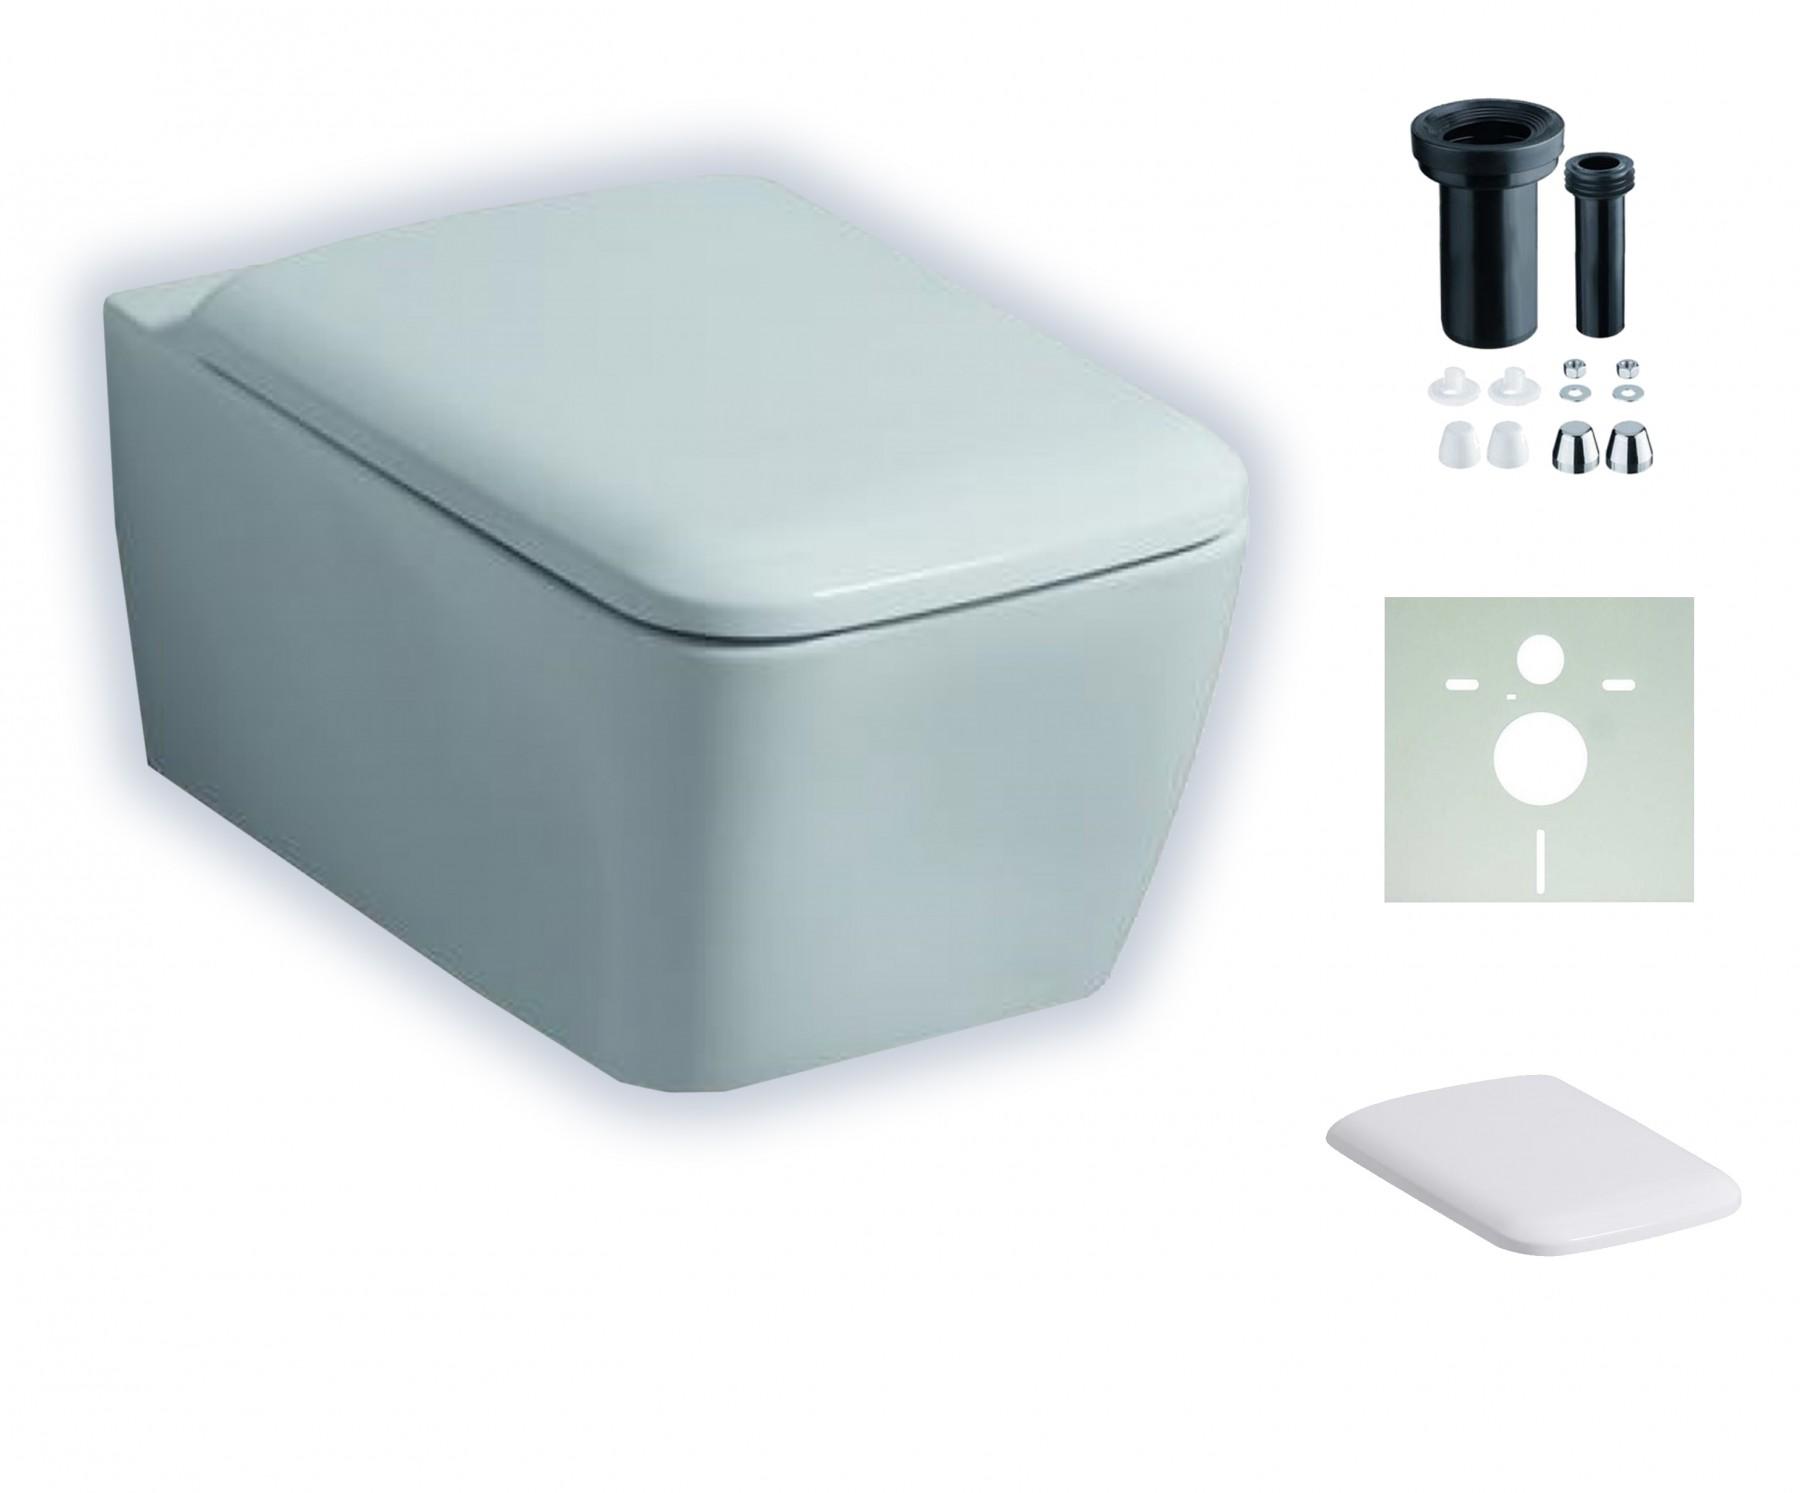 keramag it sp lrandloses wandh ngendes tiefsp l wc 201950000. Black Bedroom Furniture Sets. Home Design Ideas